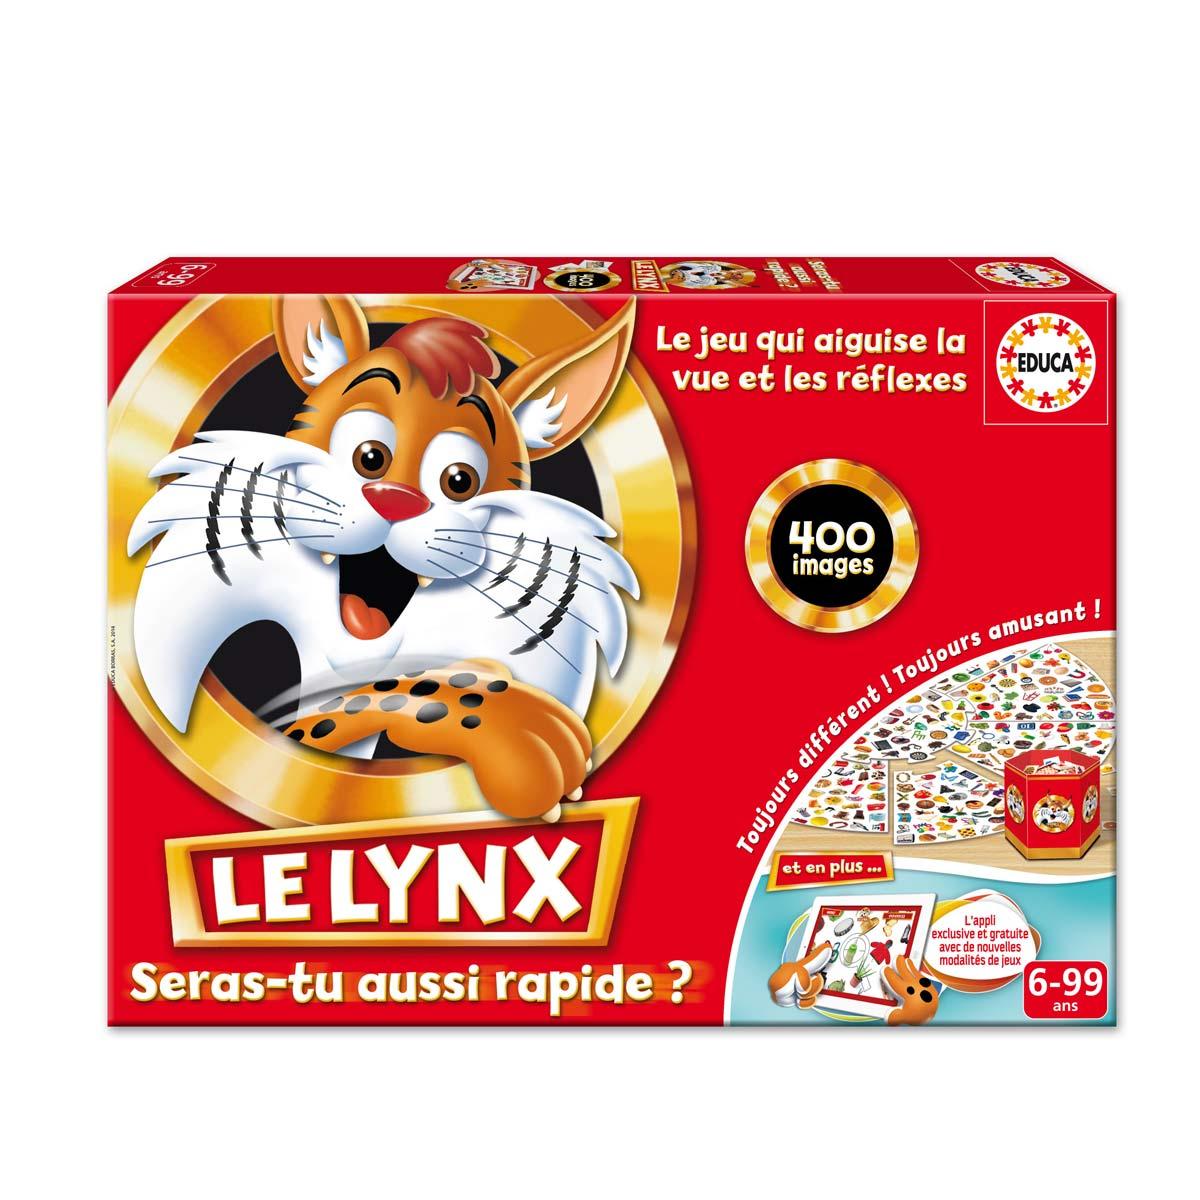 jeu de société lynx